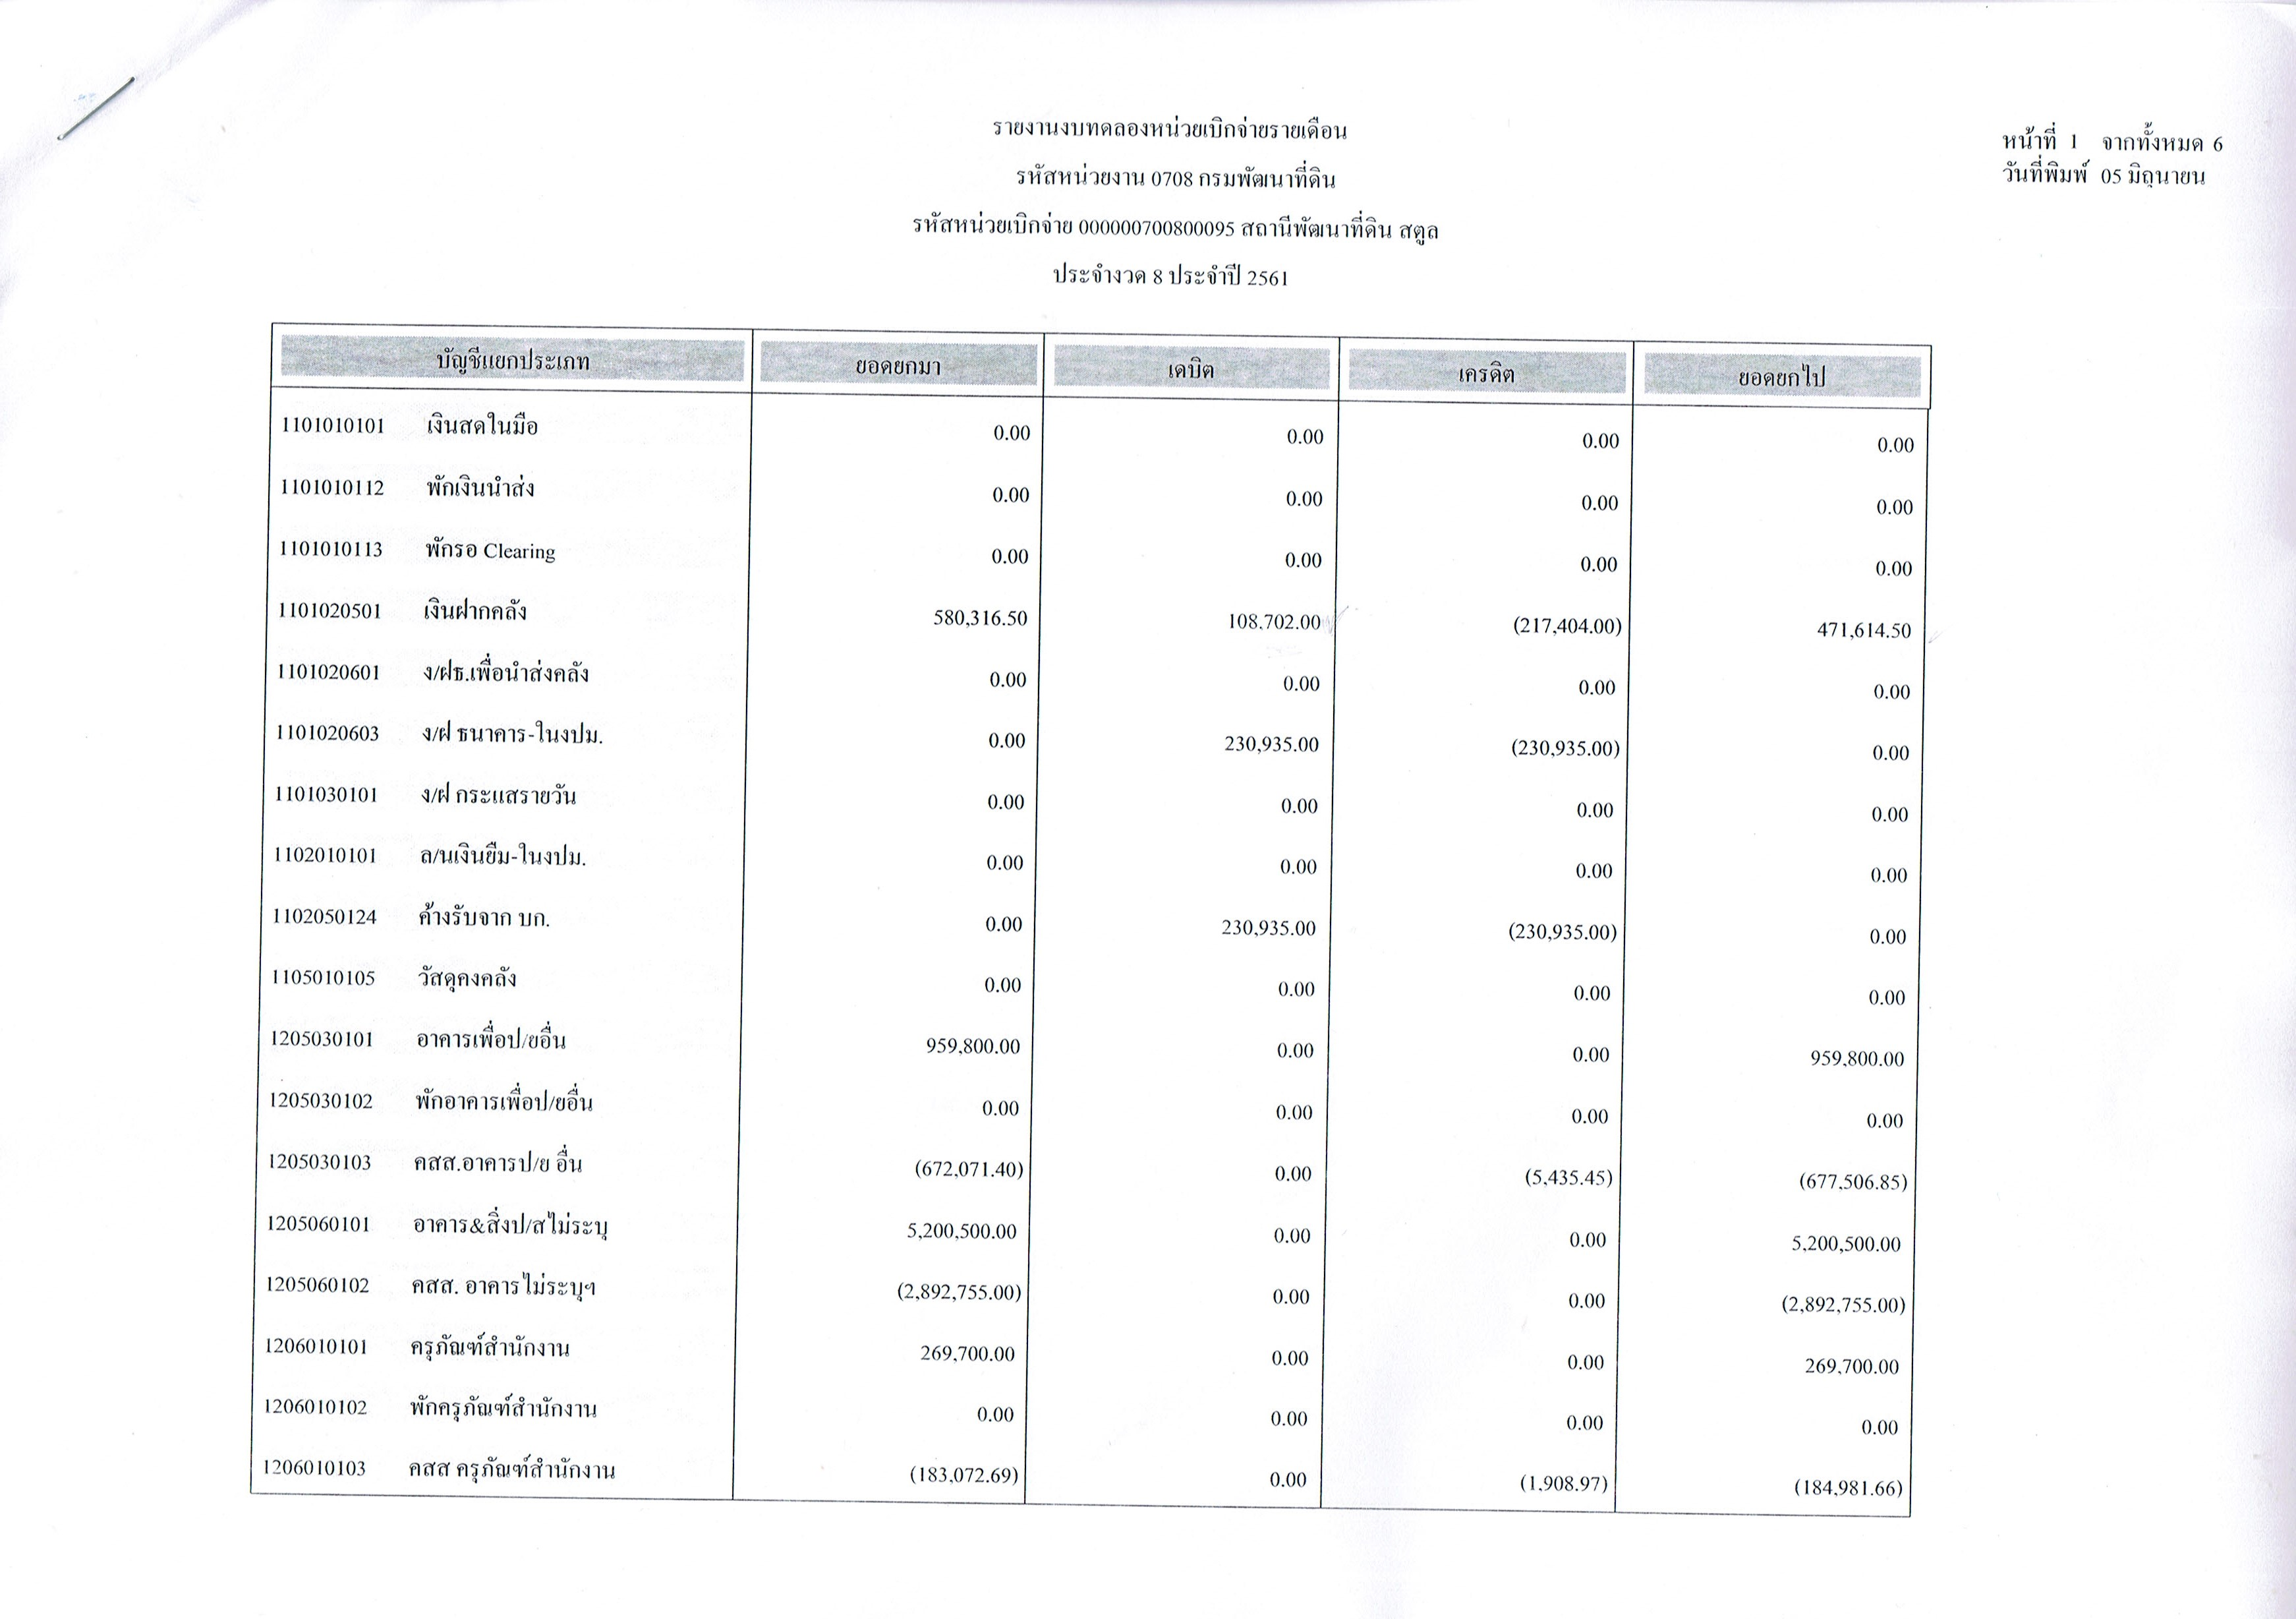 รายงานงบทดลองหน่วยเบิกจ่ายรายเดือนพฤษภาคม ประจำงวด 8 ประจำปี 2561_1